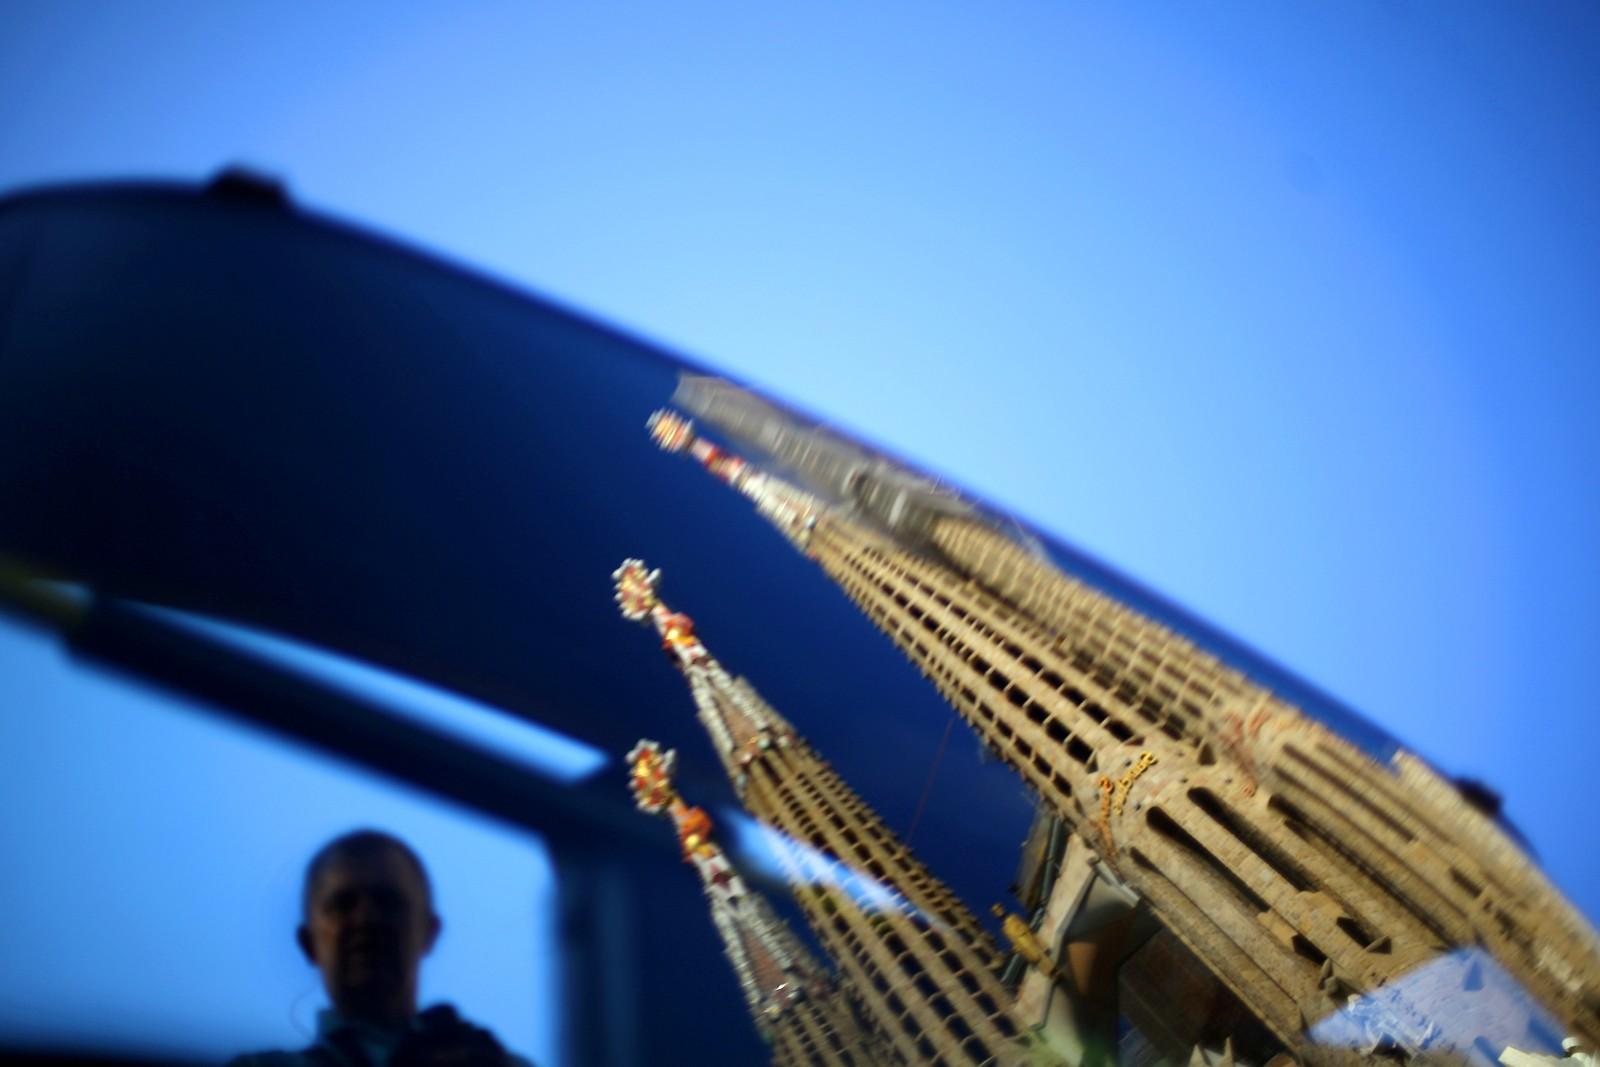 Et speilbilde av Sagrada Familia i et bussvindu i Barcelona.